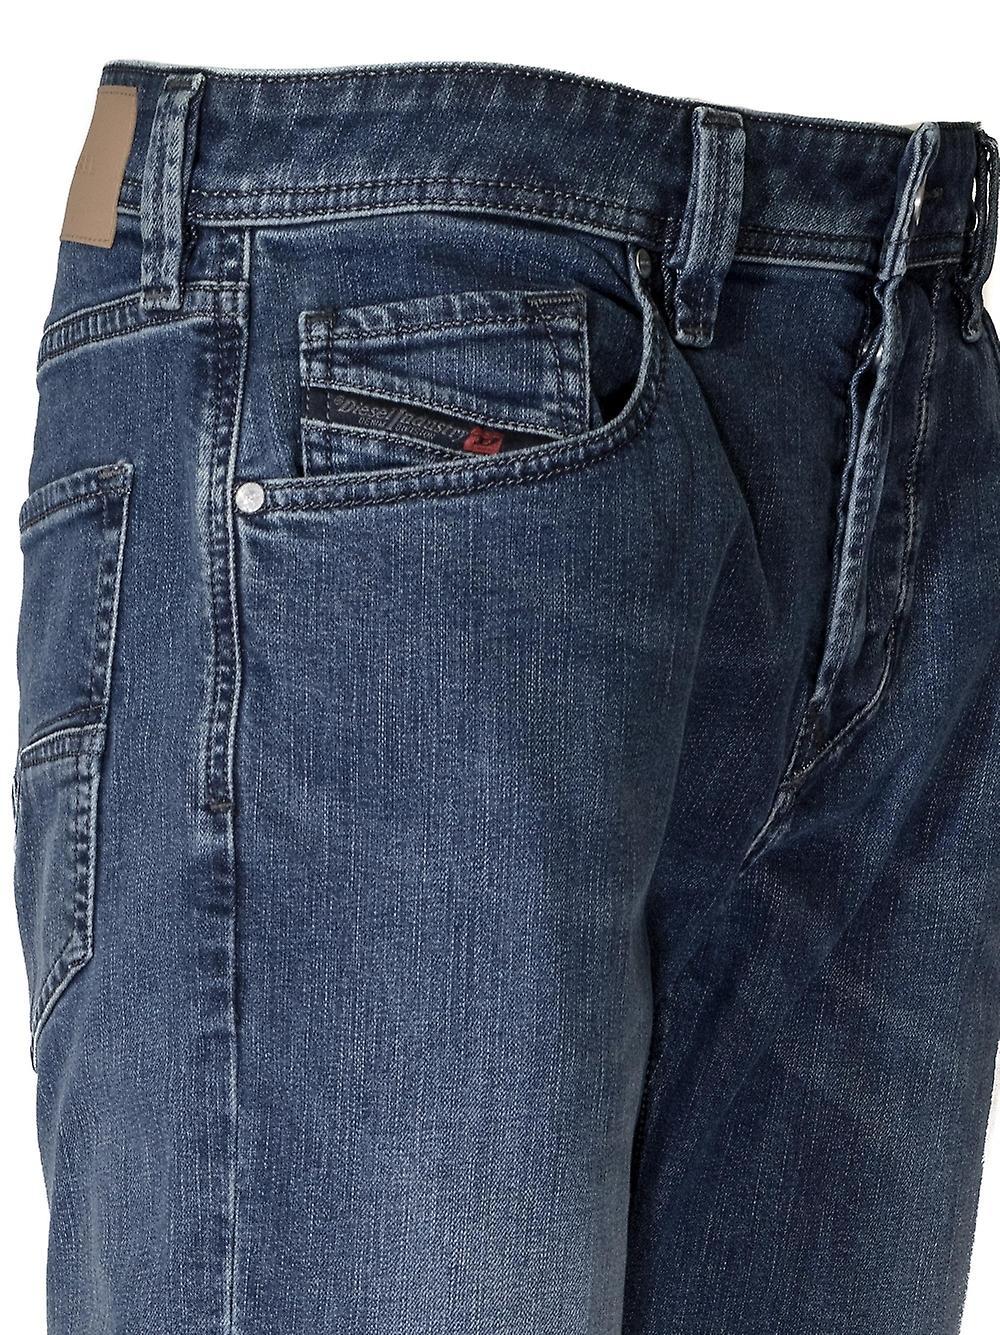 Diesel Diesel Regular Straight Larkee Blue Rinse Jean